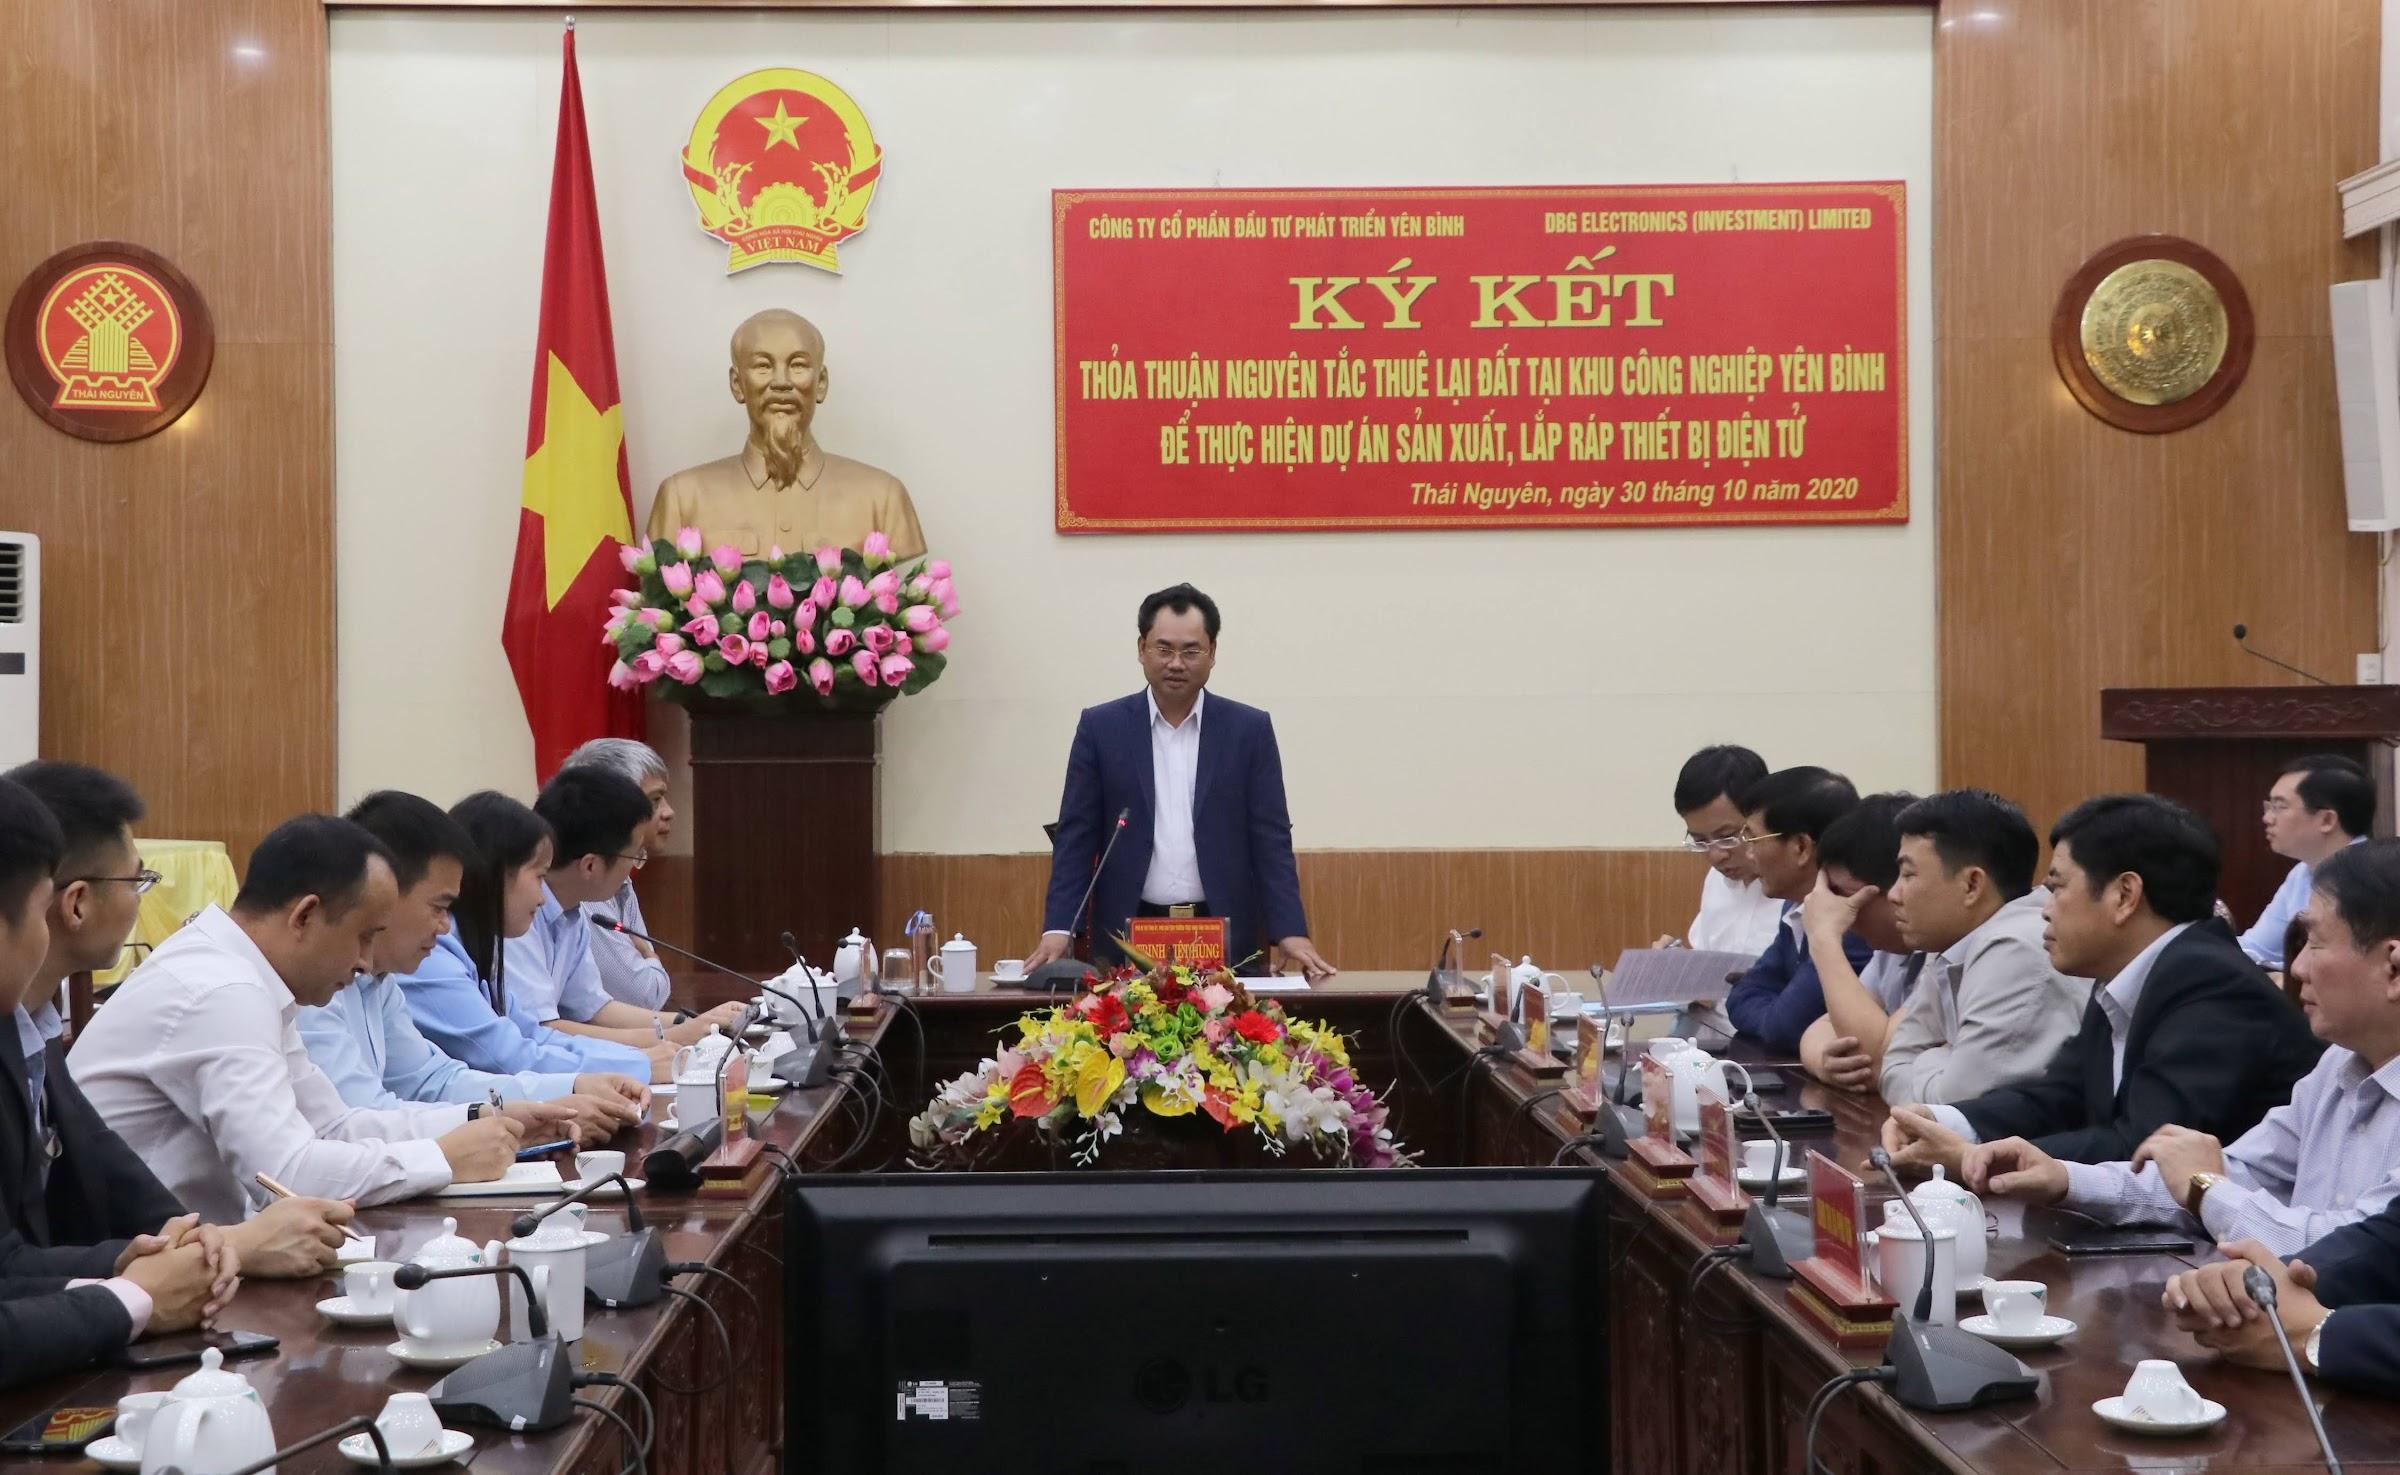 DBG Electronics ký kết thỏa thuận nguyên tắc thuê lại đất tại Khu công nghiệp Yên Bình